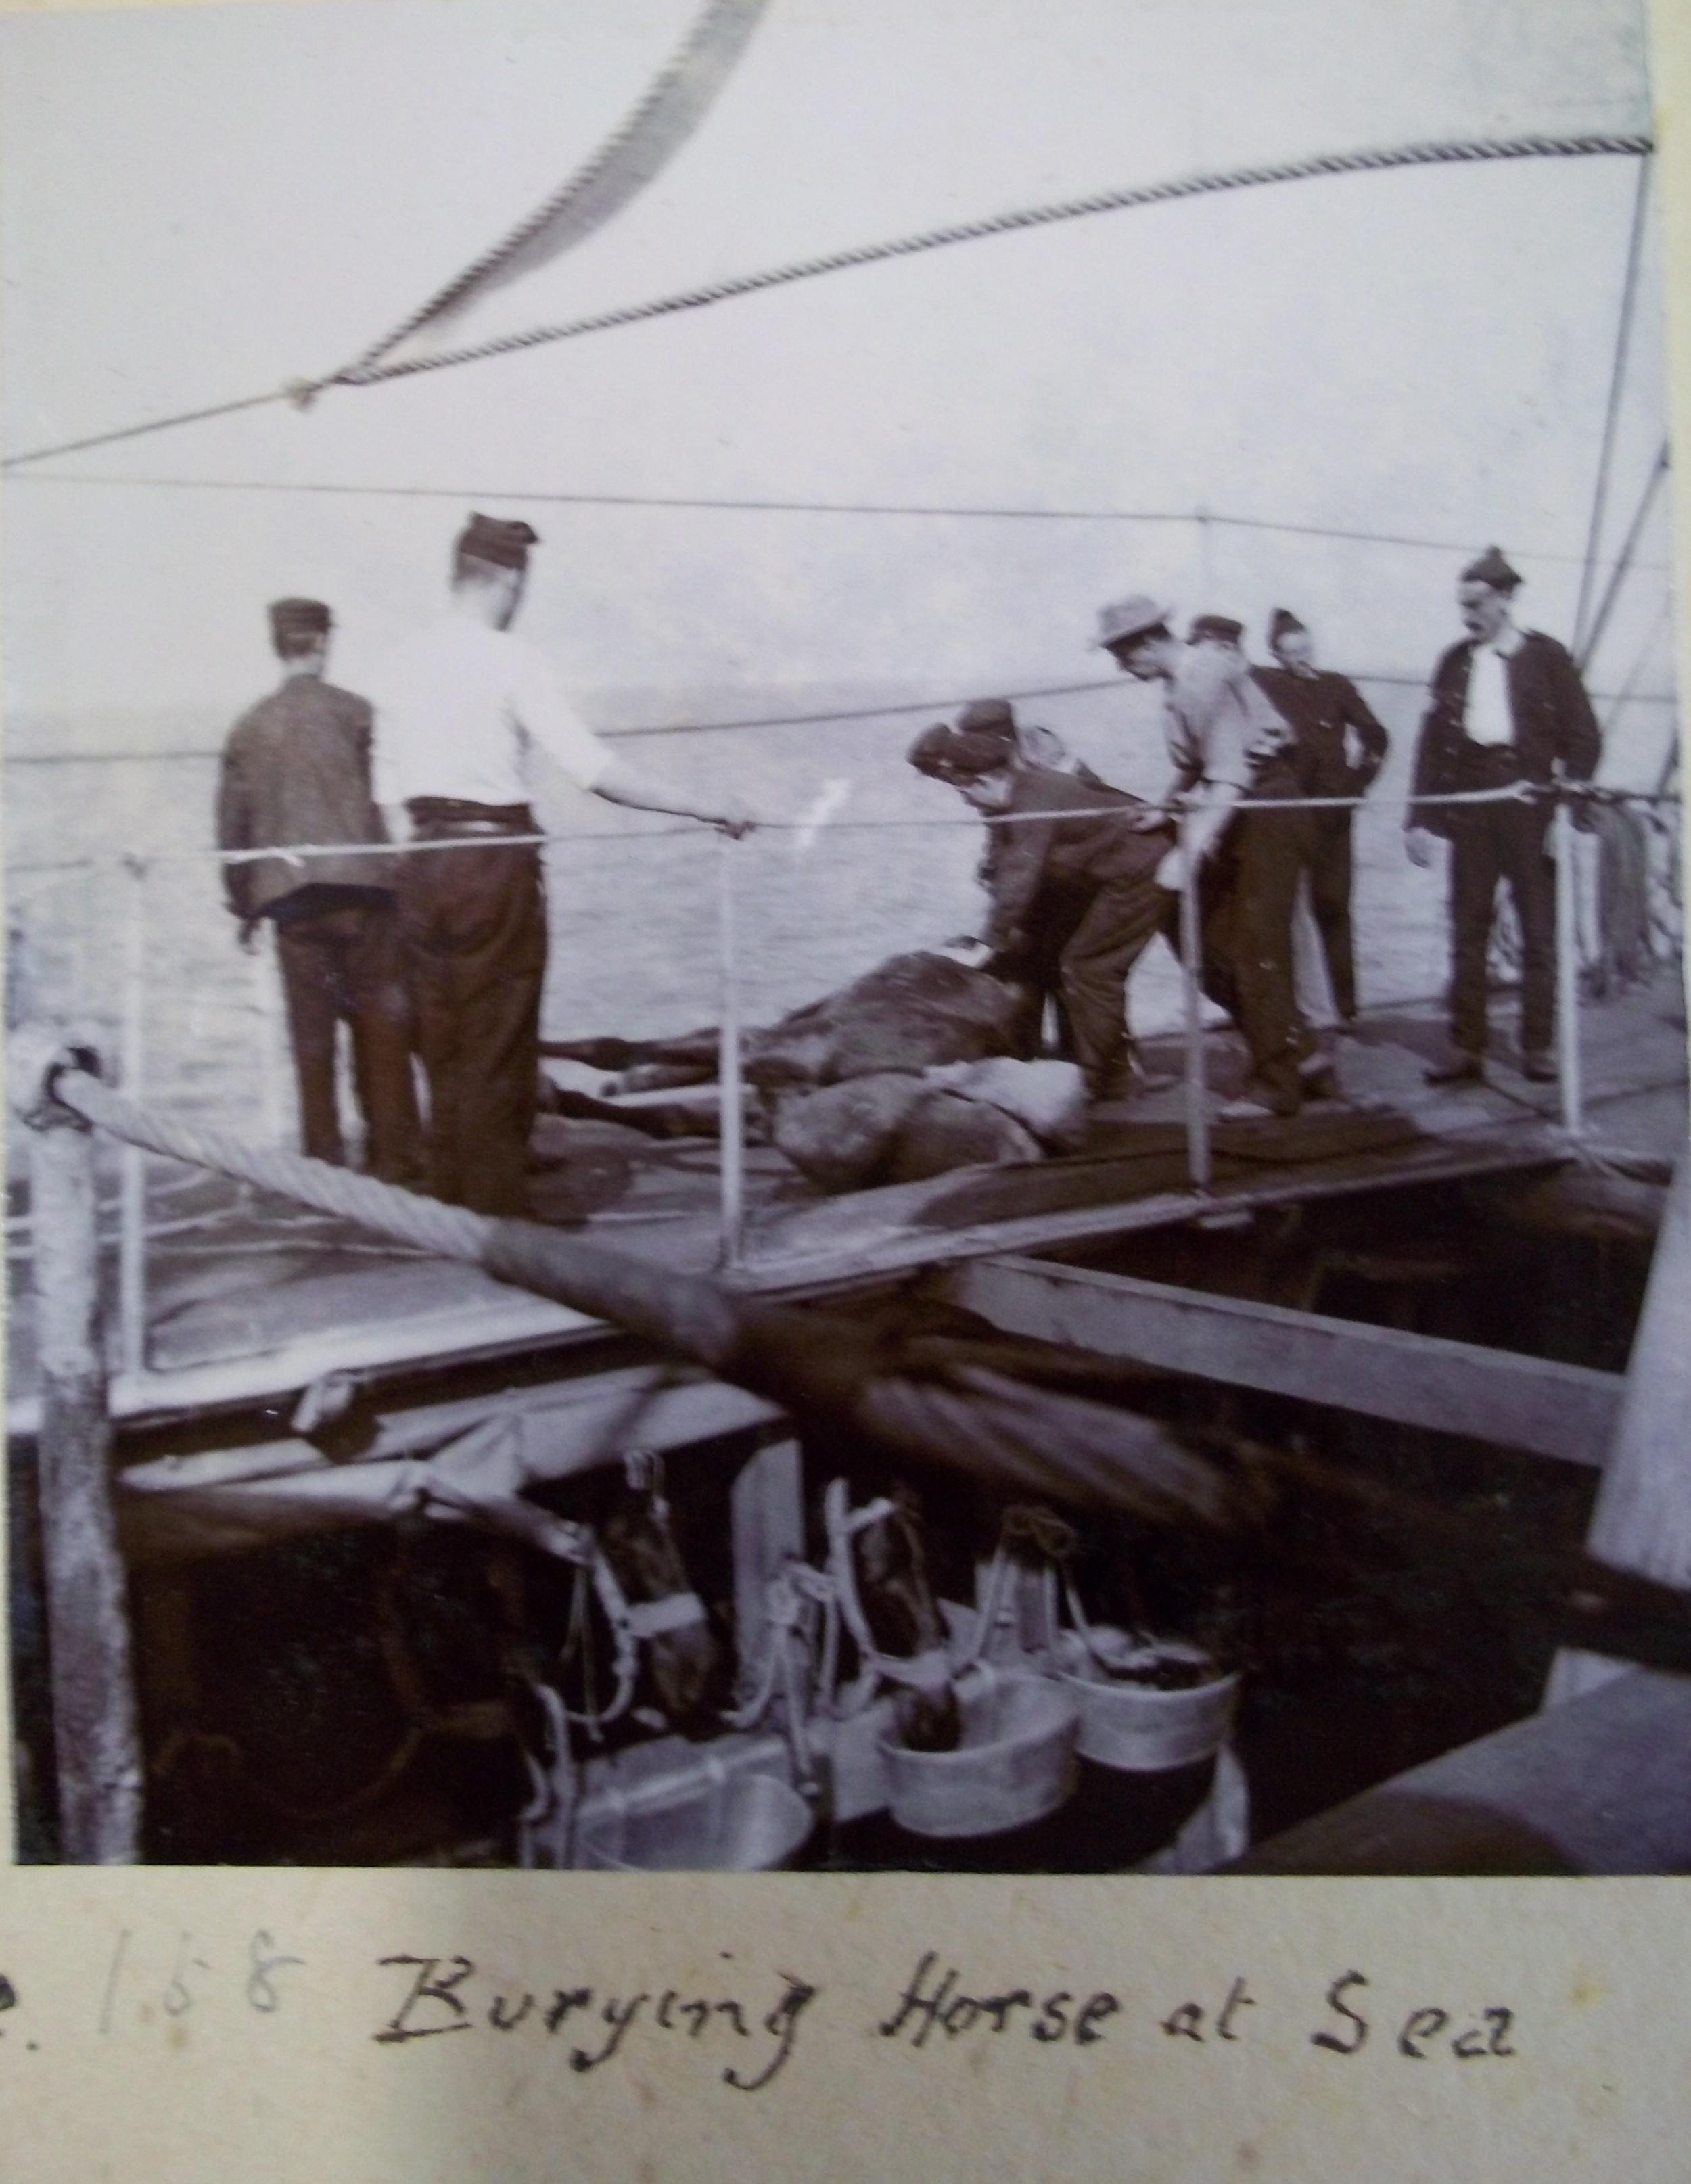 Burying a horse at sea